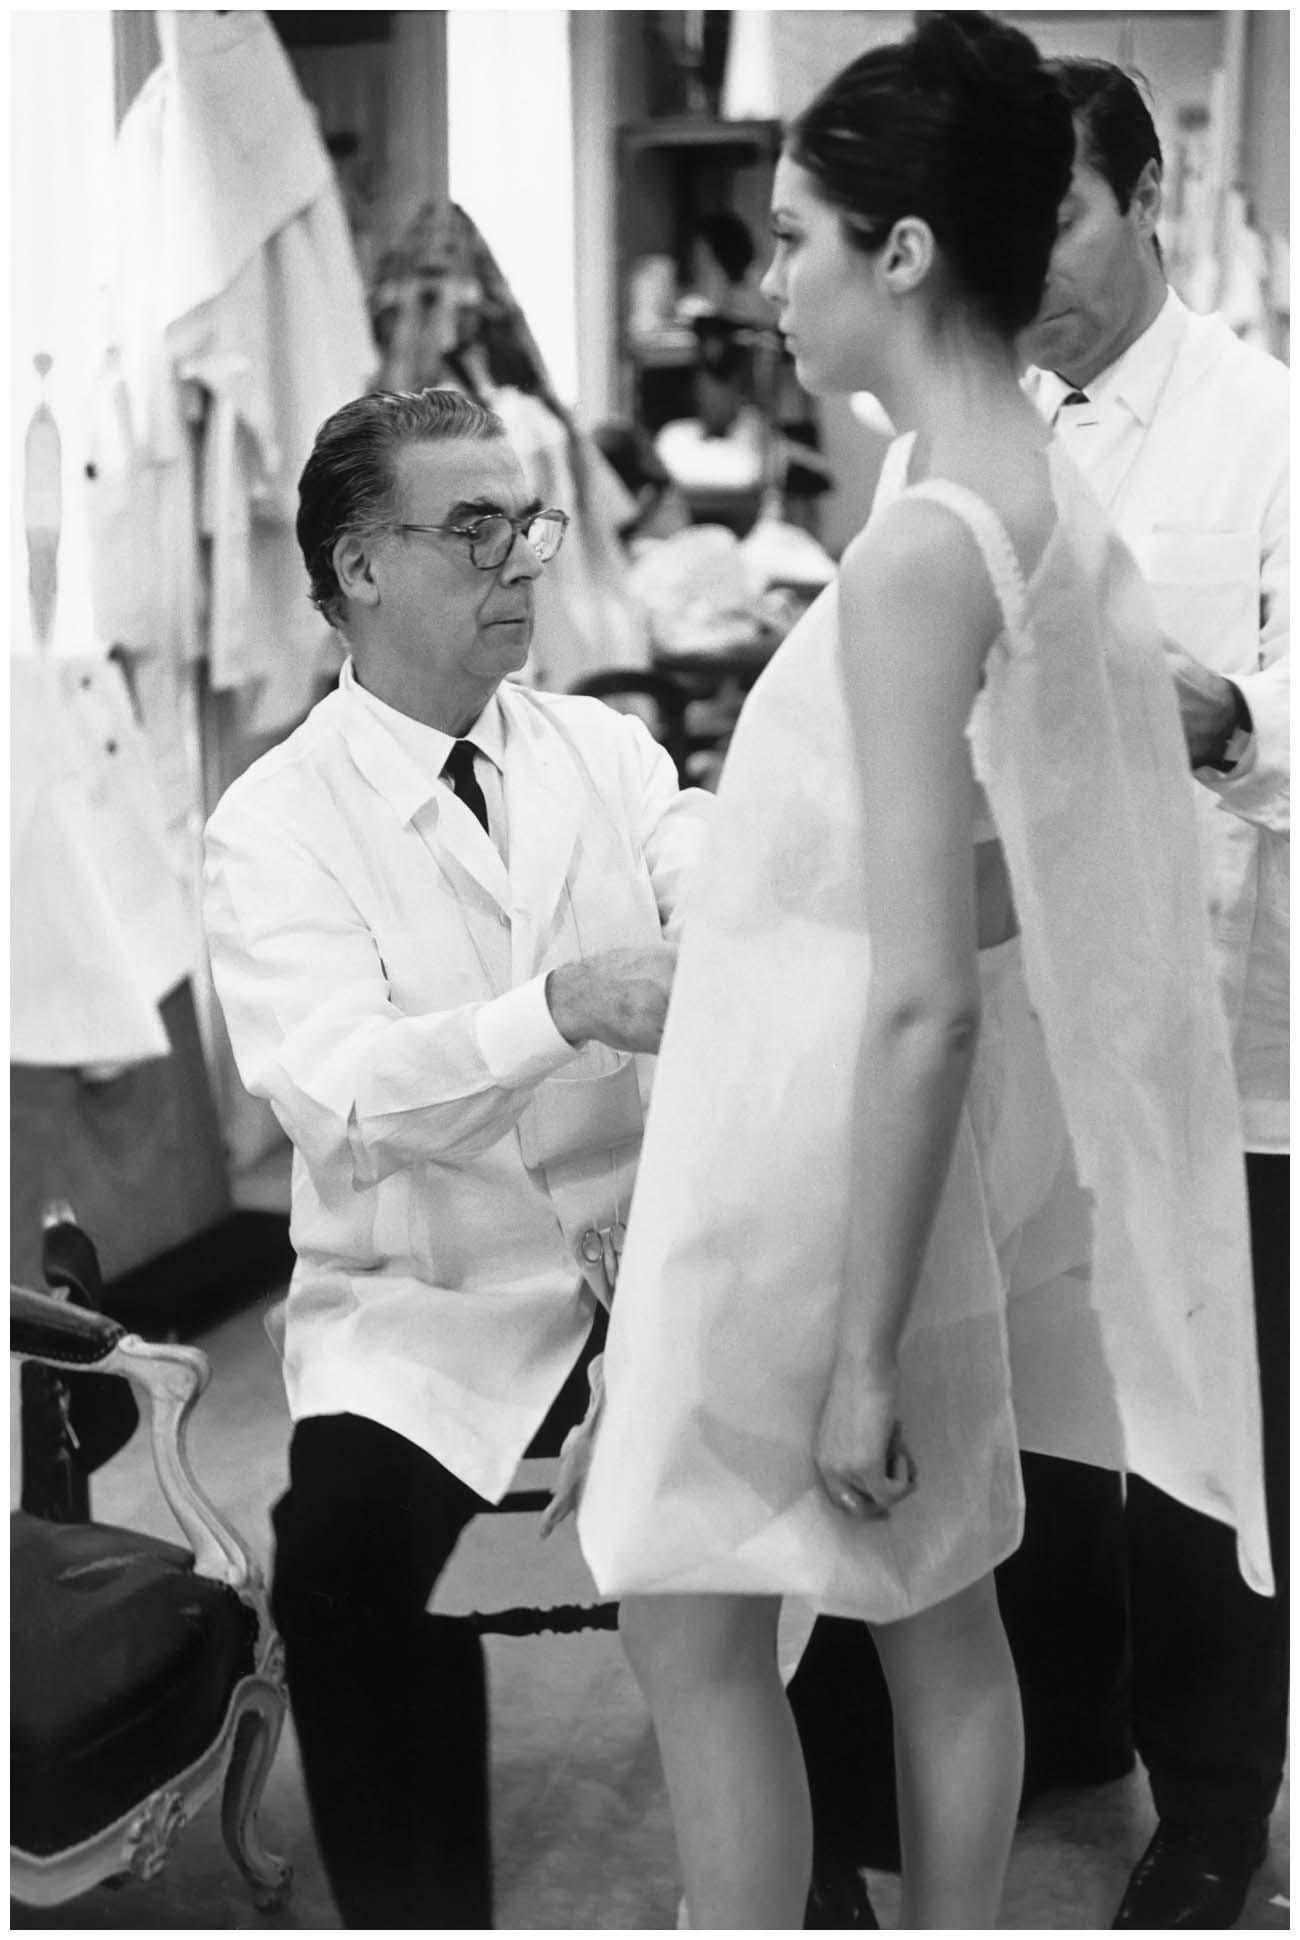 Cristóbal Balenciaga, Tailoring Work